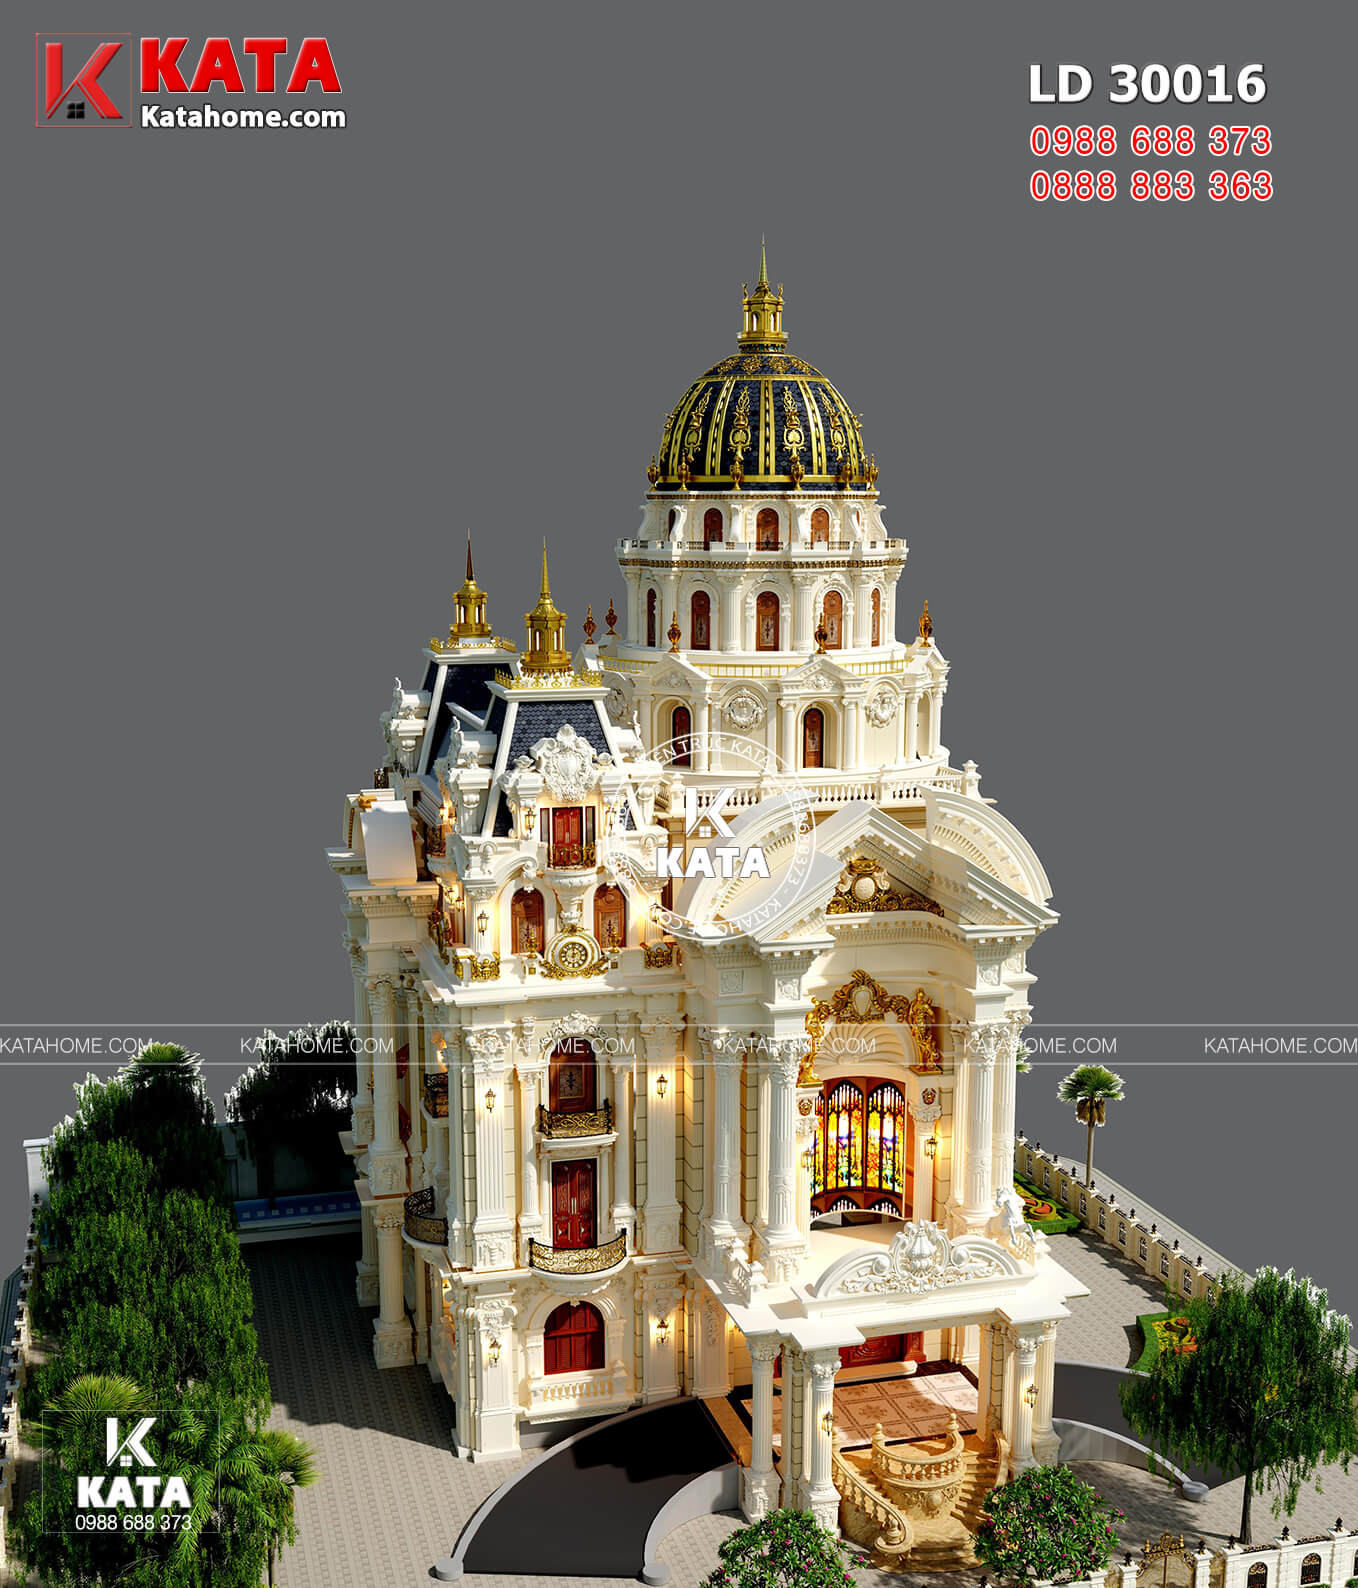 Mẫu thiết kế dinh thự lâu đài 4 tầng tân cổ điển đẹp hút hồn - LD 30016